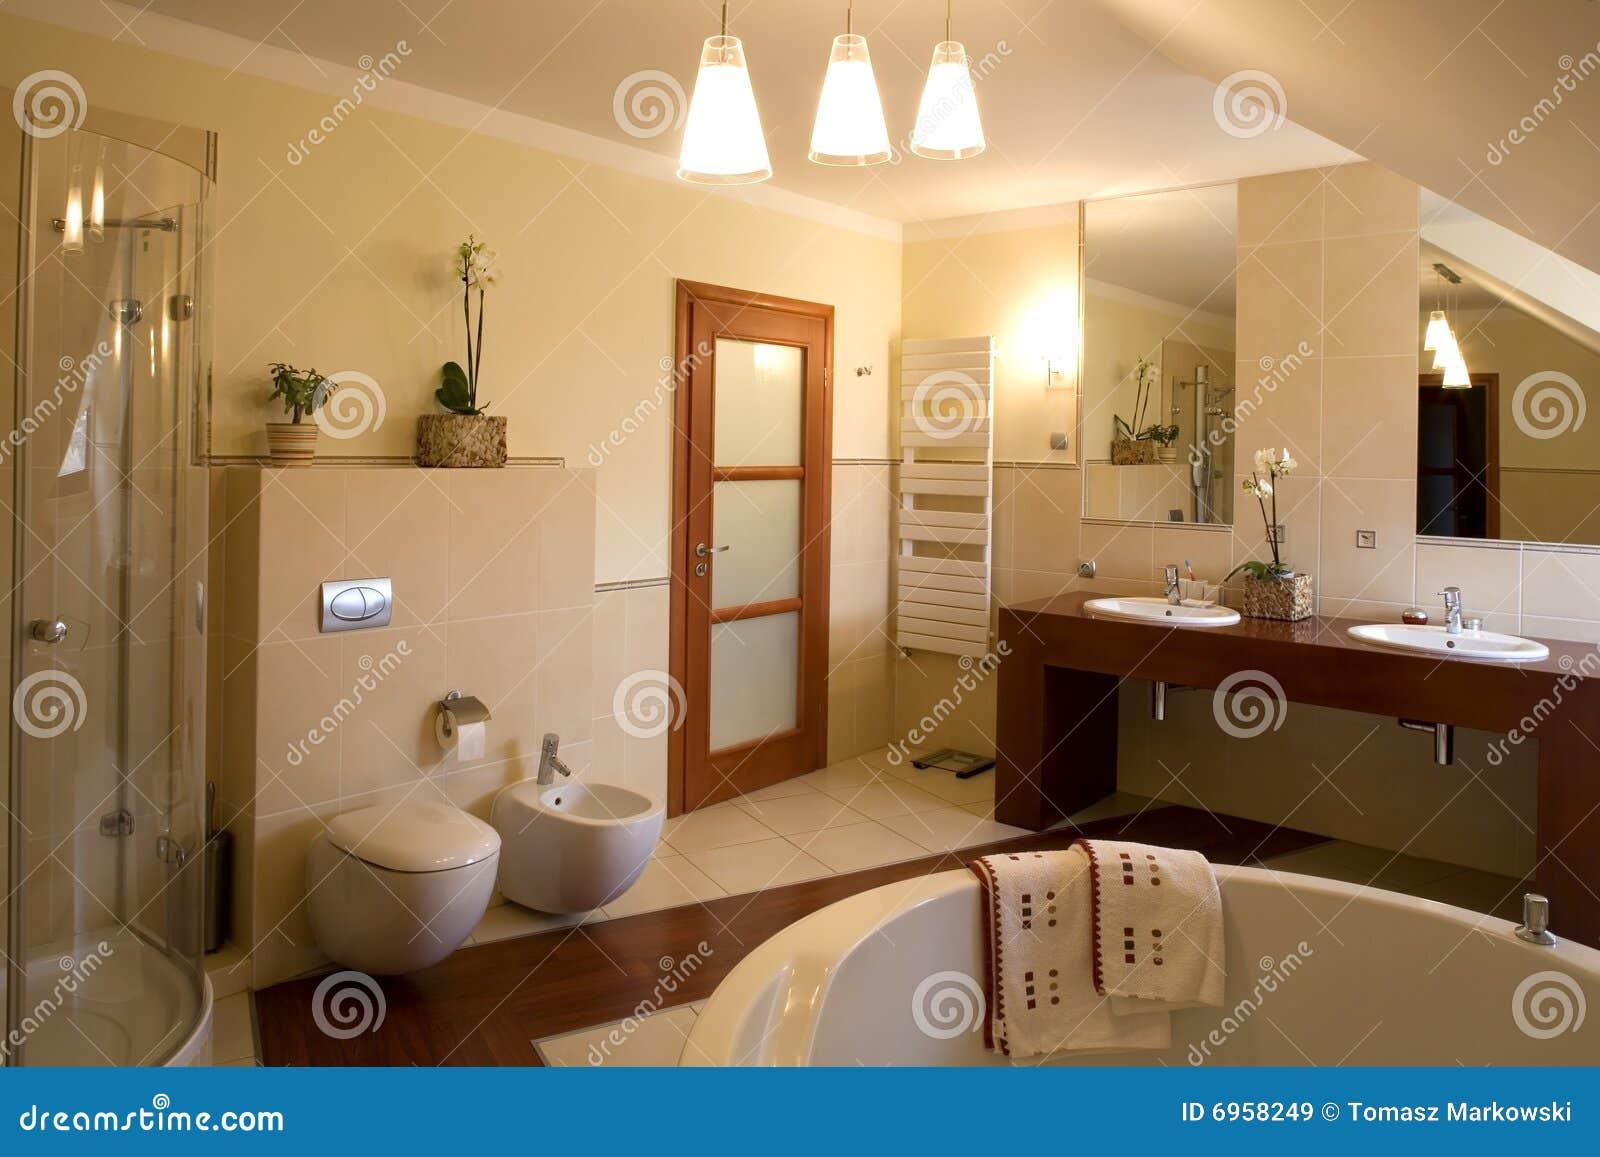 Extractor Cuarto De Baño Interior: de archivo libres de regalías: Interior lujoso del cuarto de baño